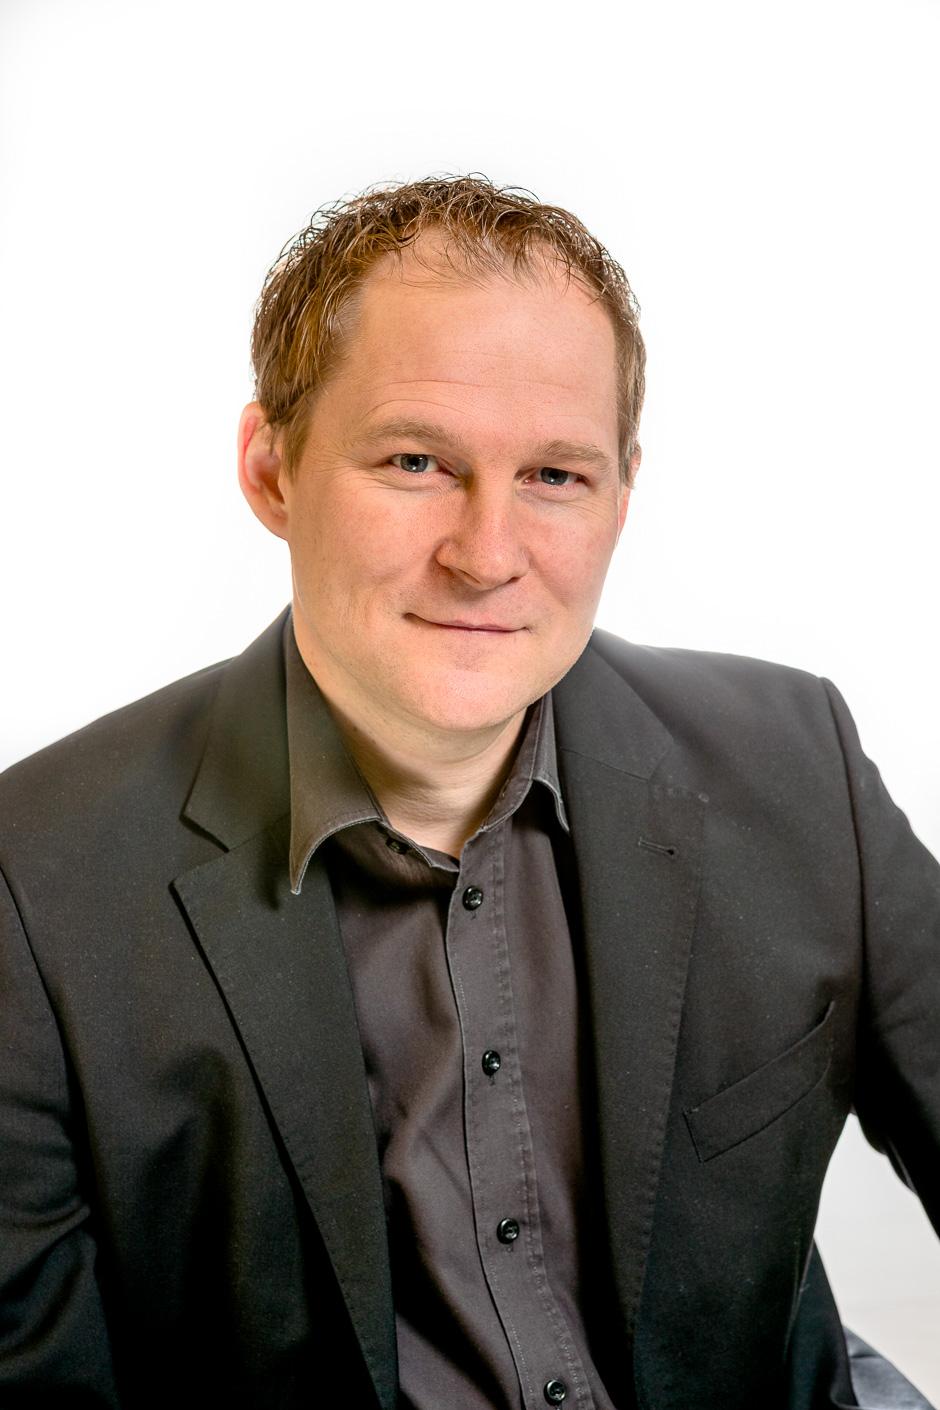 Klaus Rost